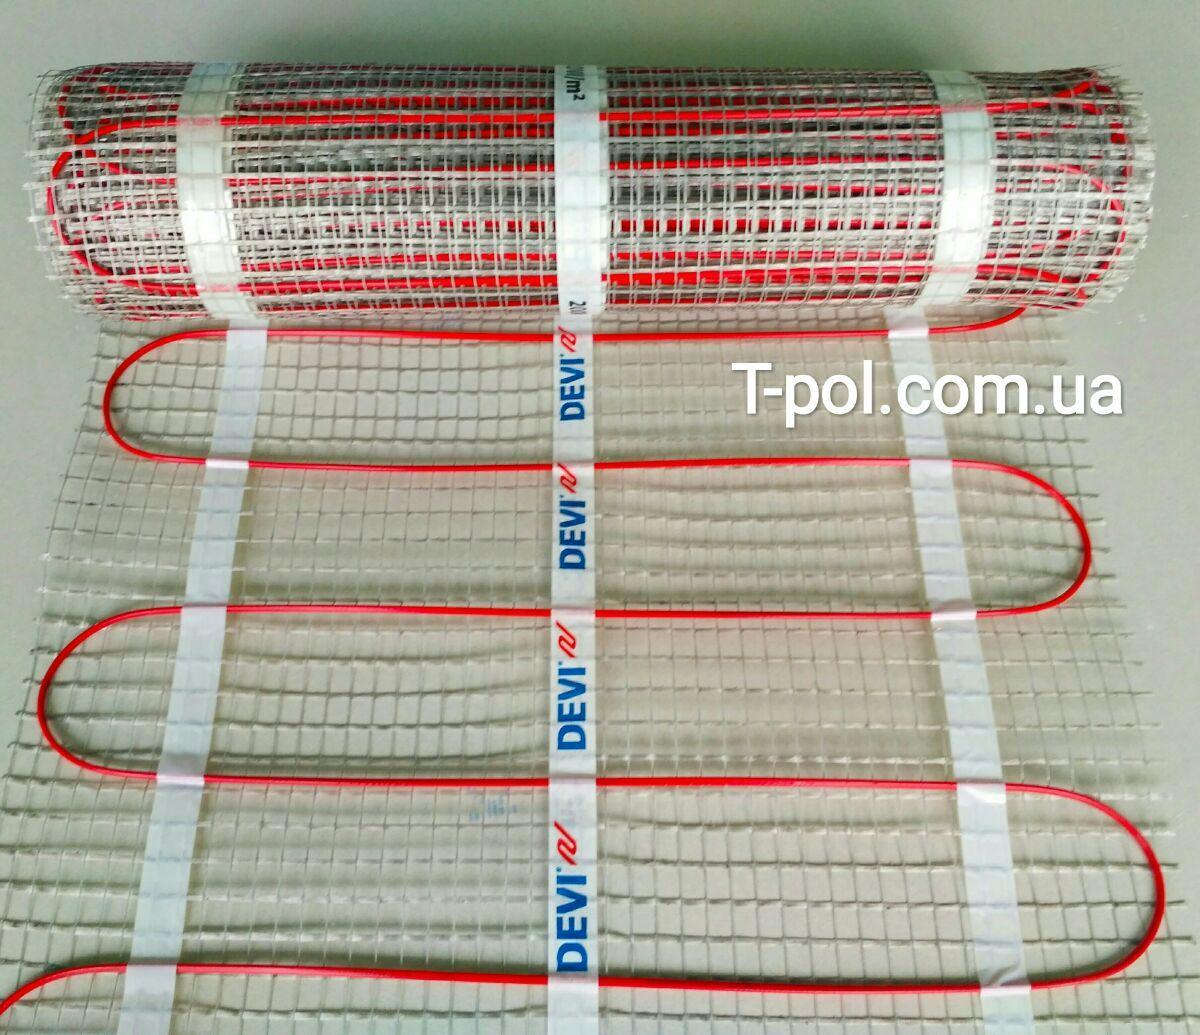 Теплый пол Devi нагревательный мат devicomfort dtir-150t на 6 м2